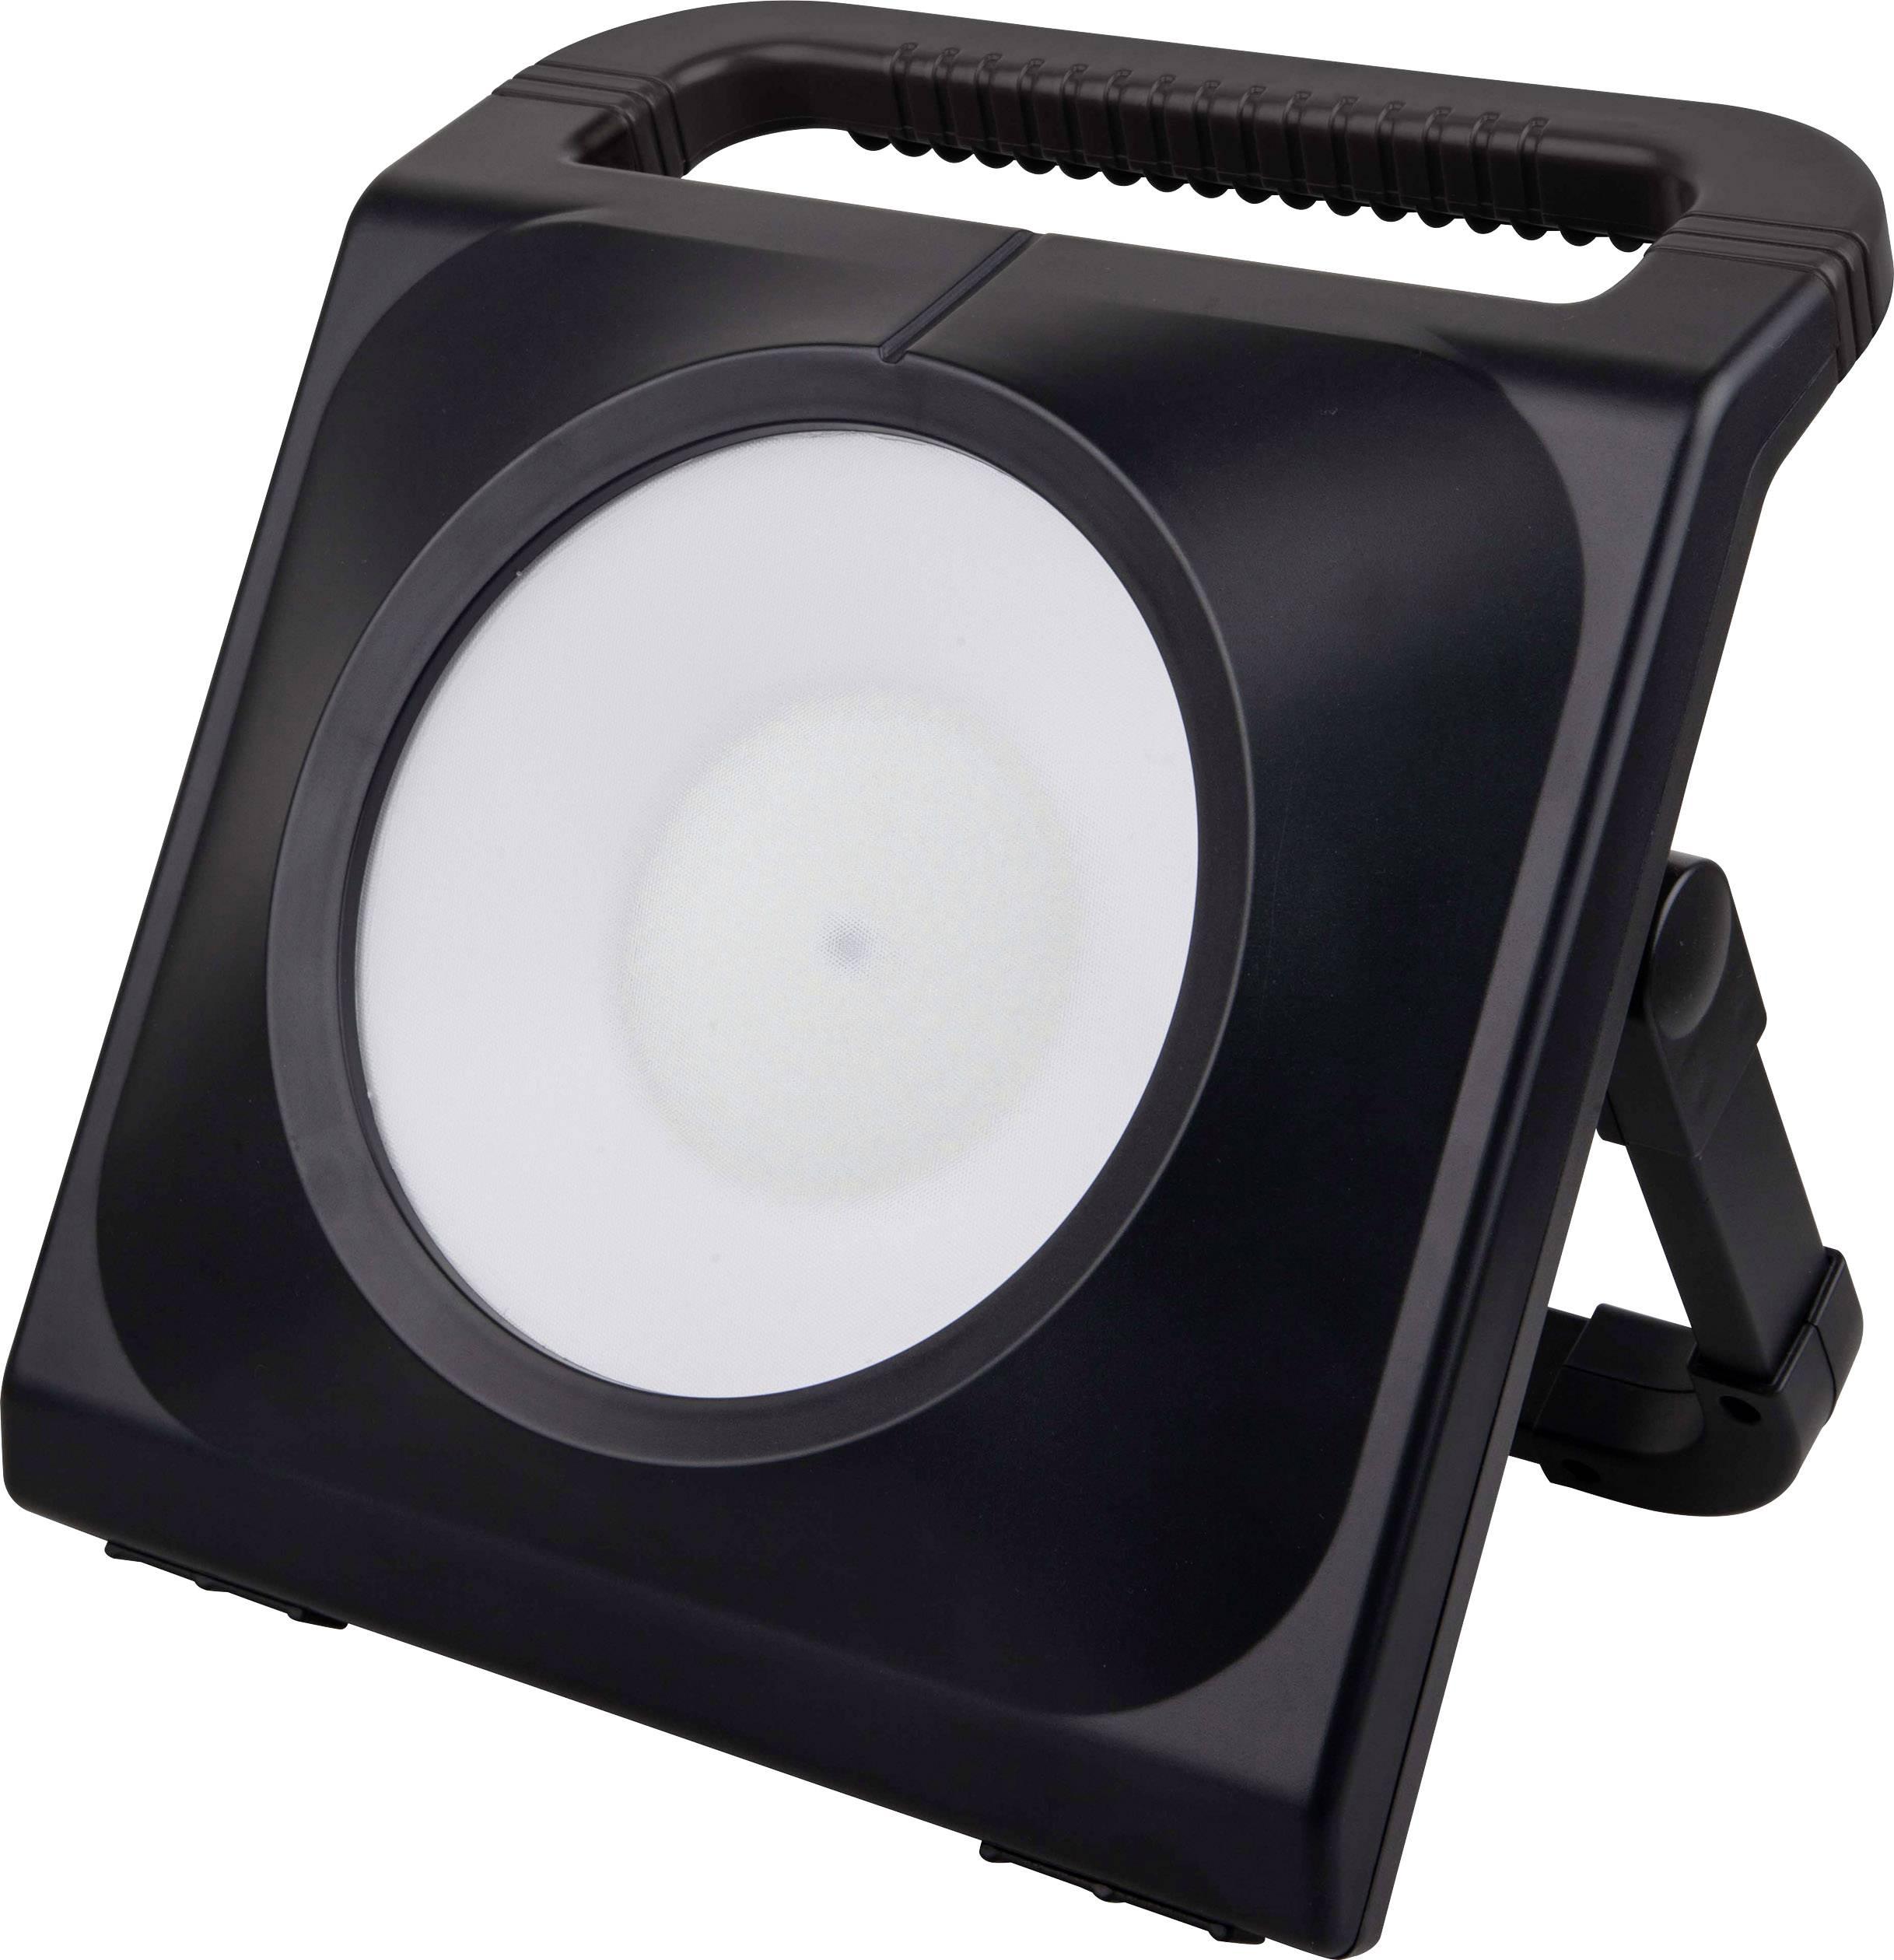 LED pracovní osvětlení se 2 zásuvkami TOOLCRAFT, 230 V, 50 W, černá